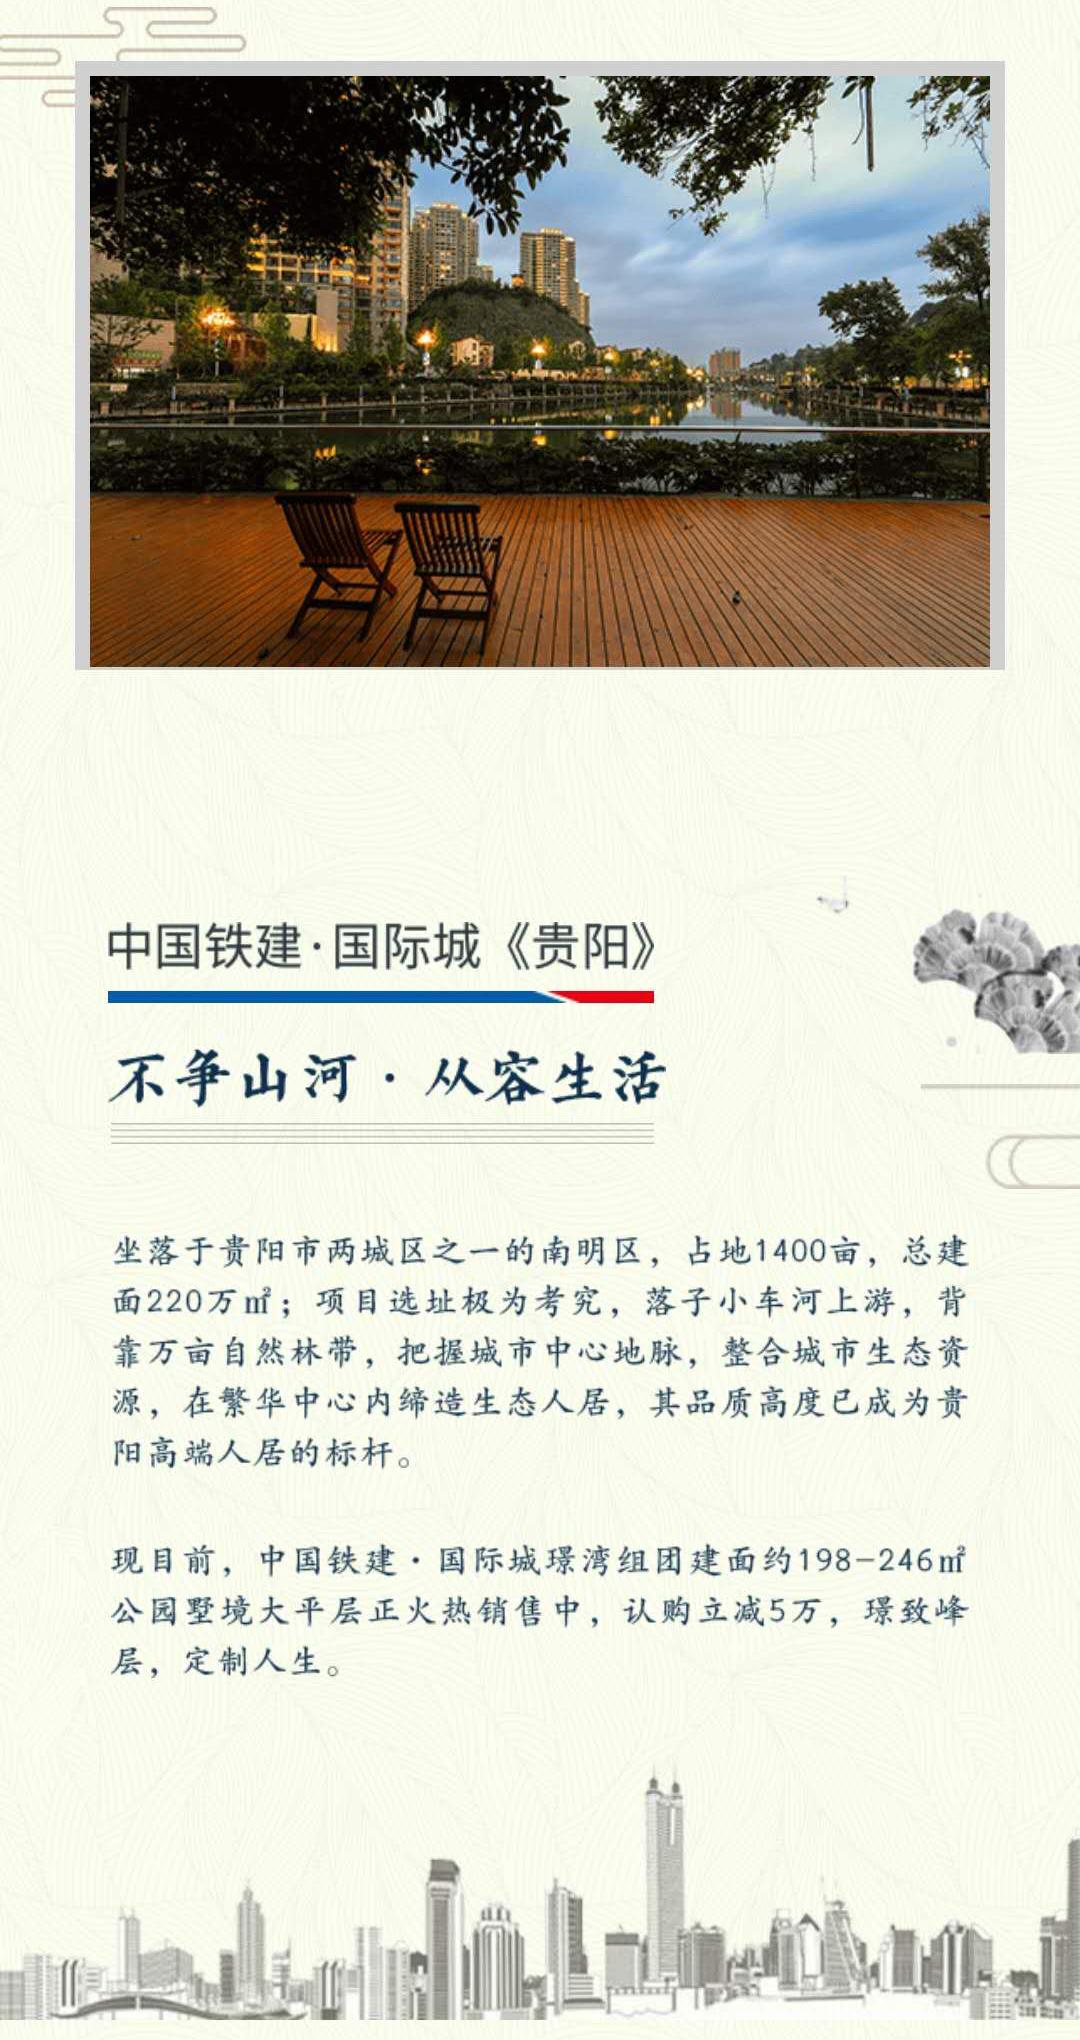 中国铁建地产   黔行十二年匠心筑居 3城布局升级黔城版图-中国网地产